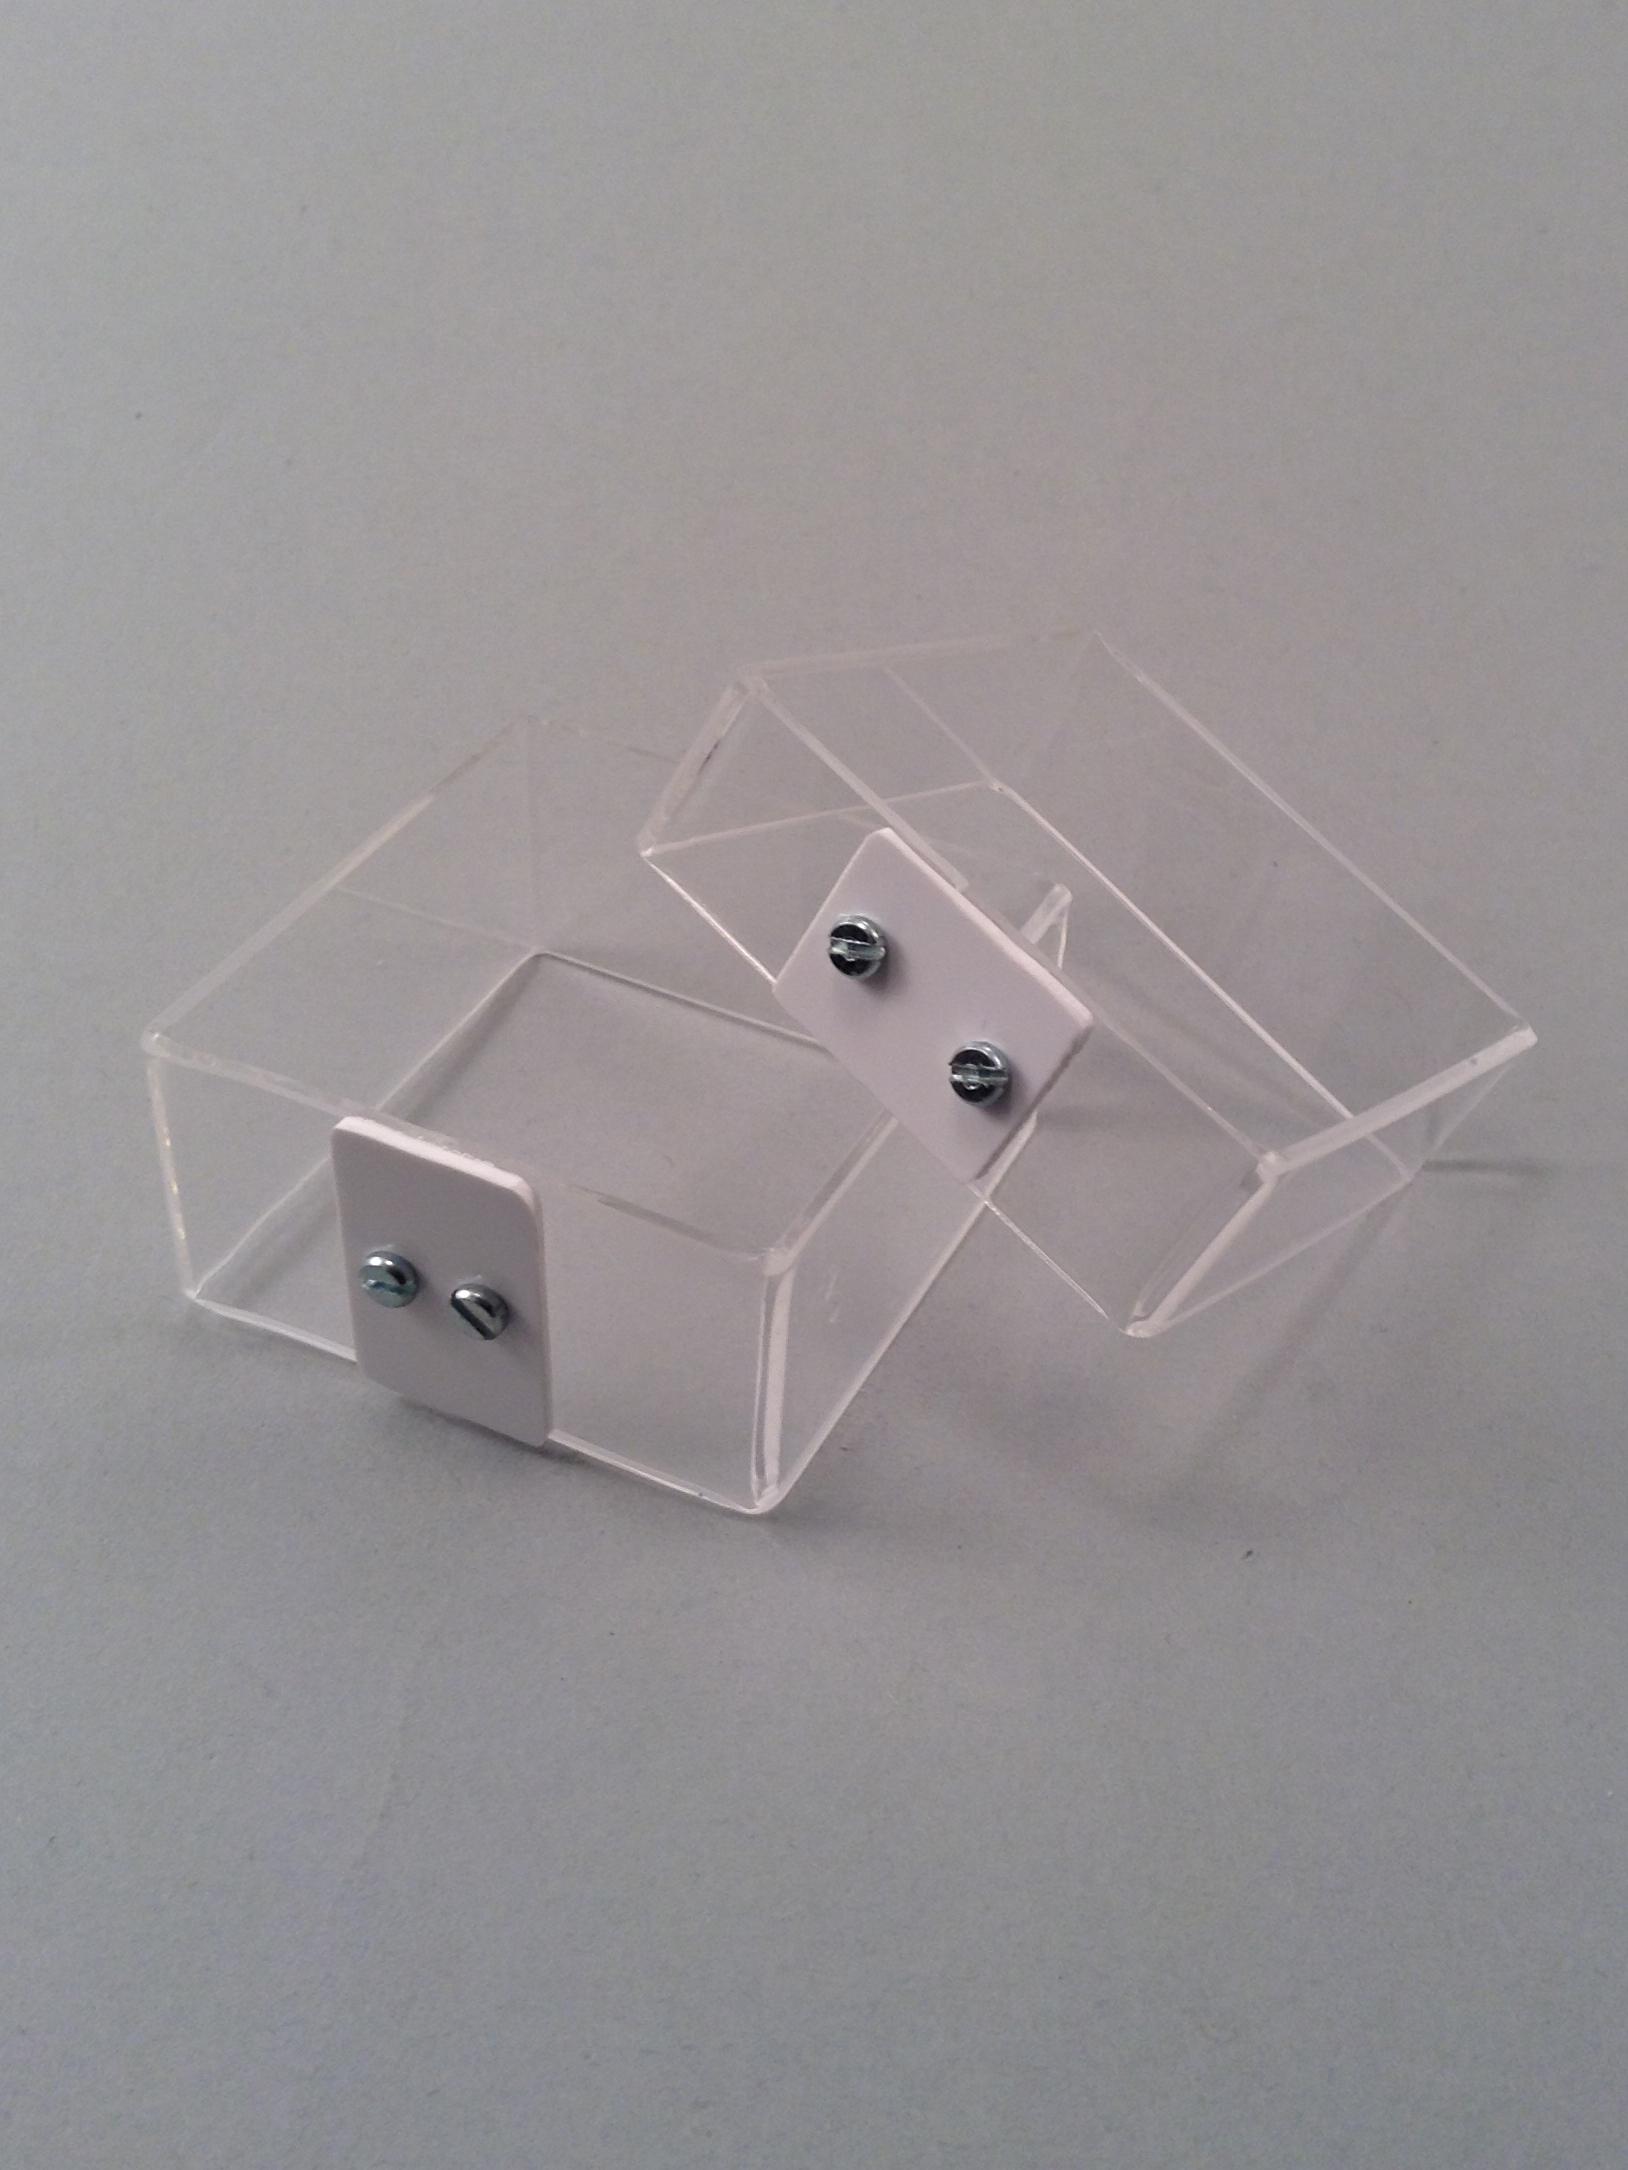 Double squaretrans bracelets